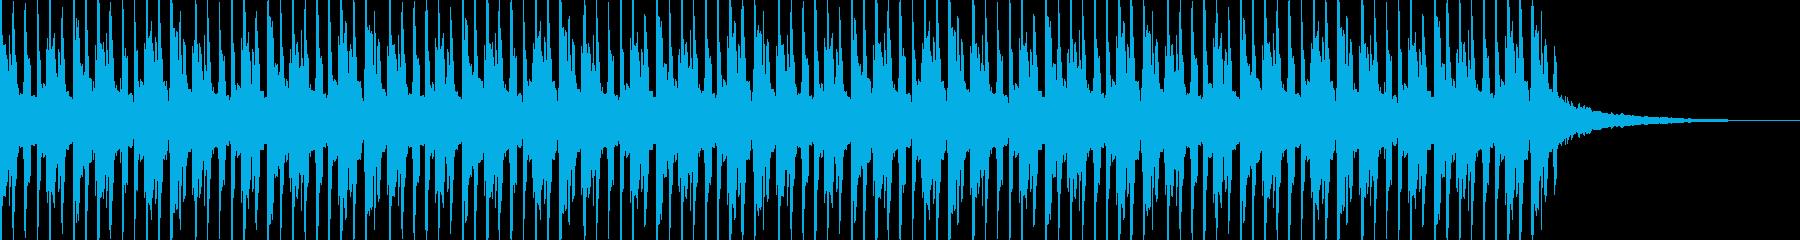 エレピが印象的なジャジーヒップホップの再生済みの波形